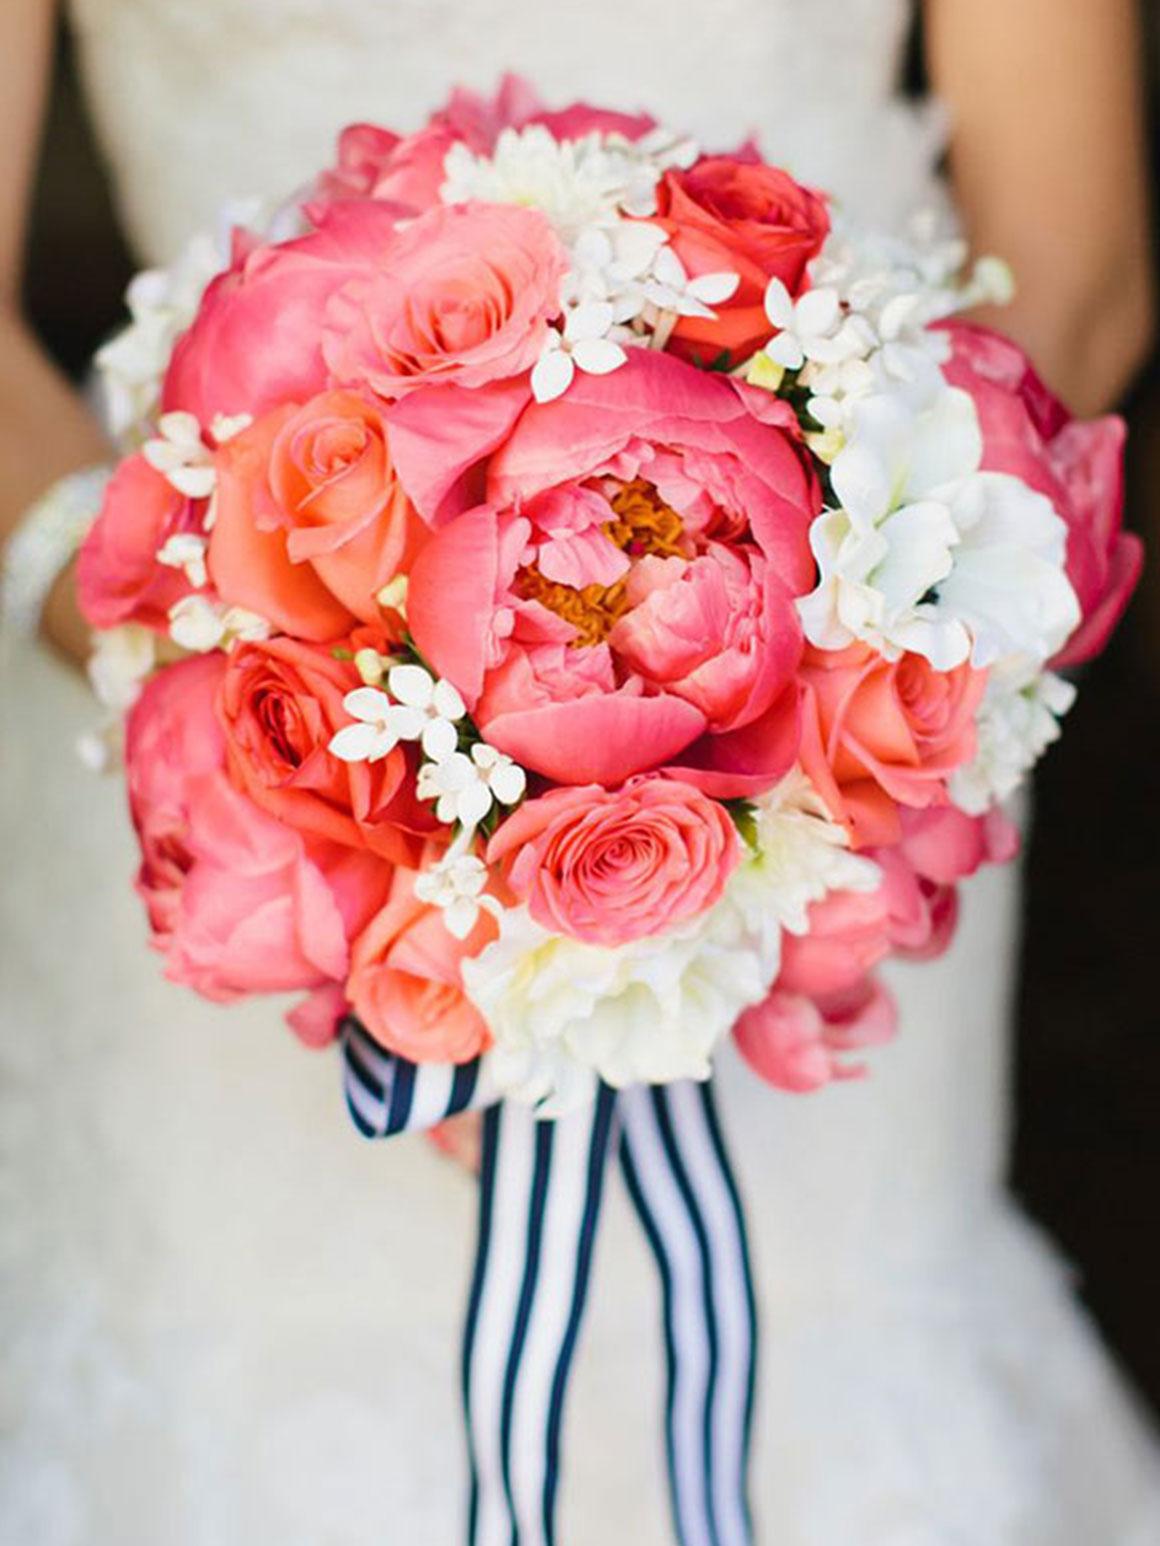 Onze bruiloft: Bloemen